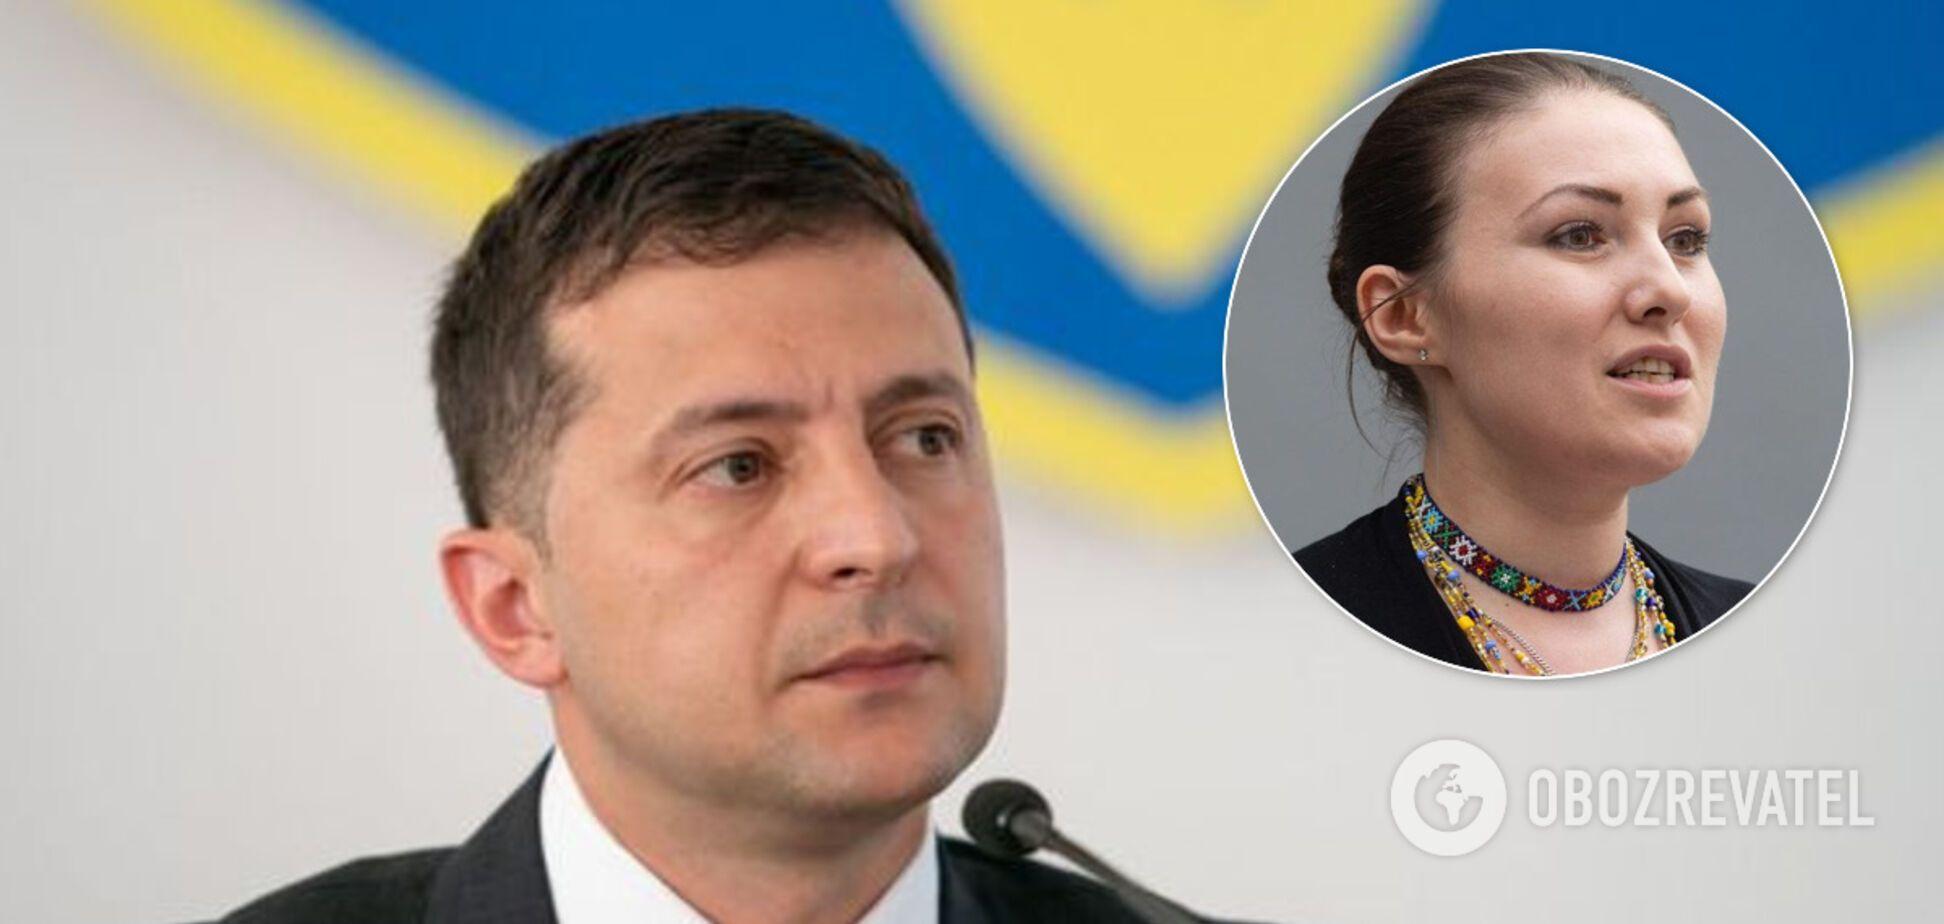 Справа Федини: 'ЄС' закликала Зеленського зупинити переслідування опозиції